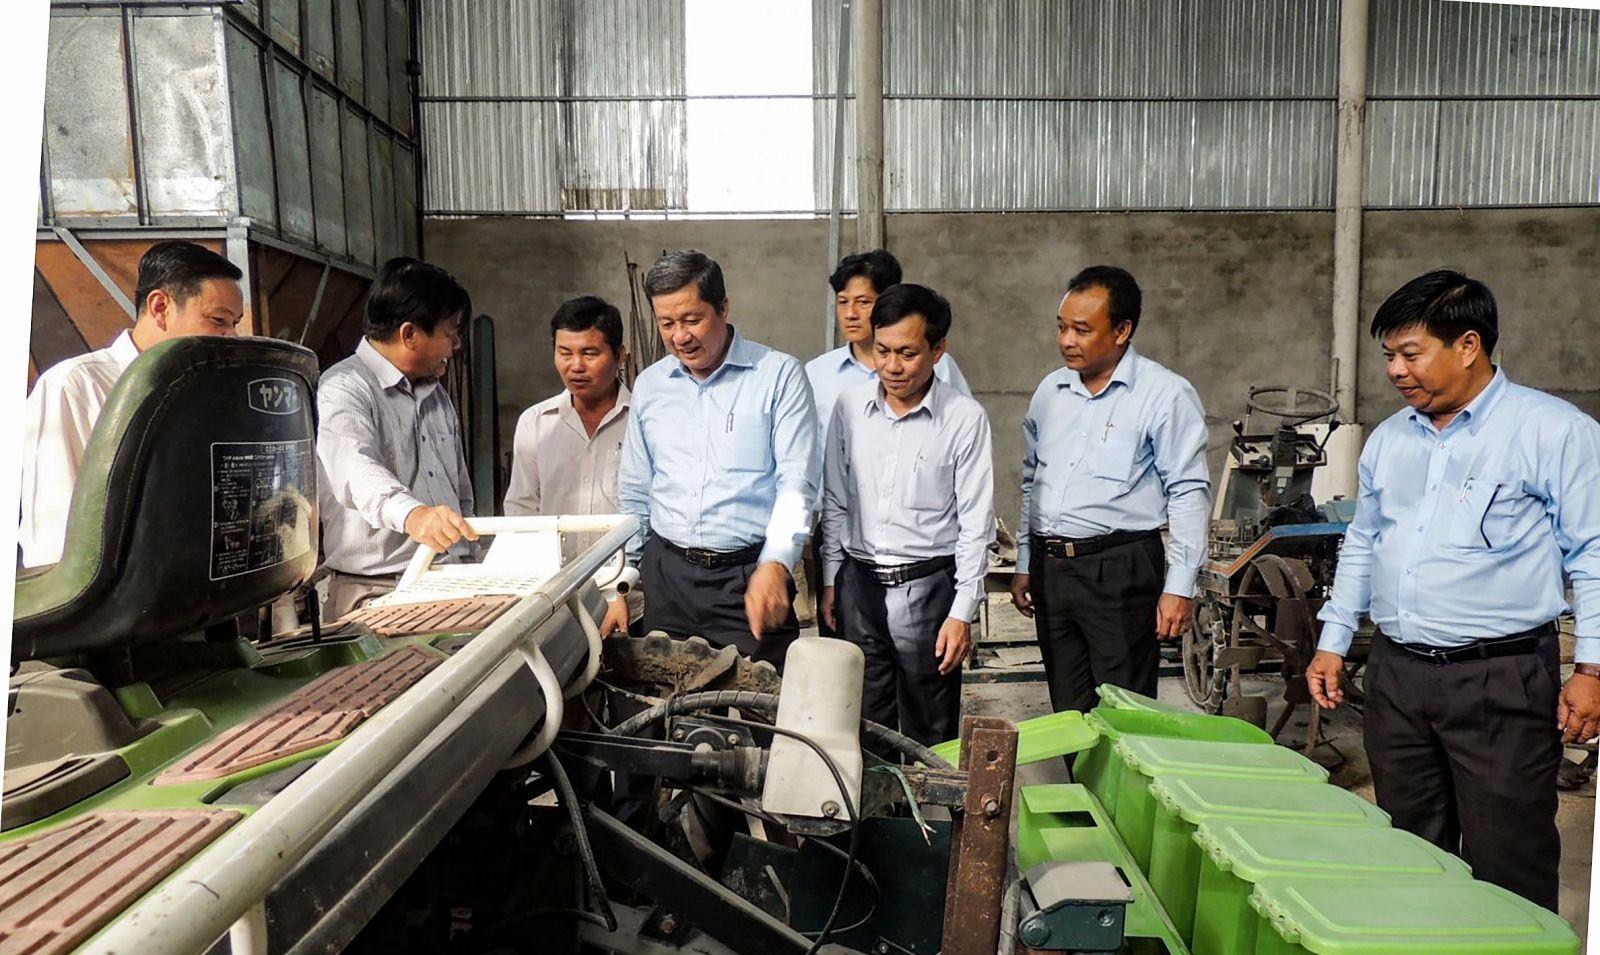 Lãnh đạo thành phố tham quan máy móc trang bị tại Hợp tác xã Nông nghiệp Đại Lợi, xã Trường Xuân. Ảnh: MỸ THANH